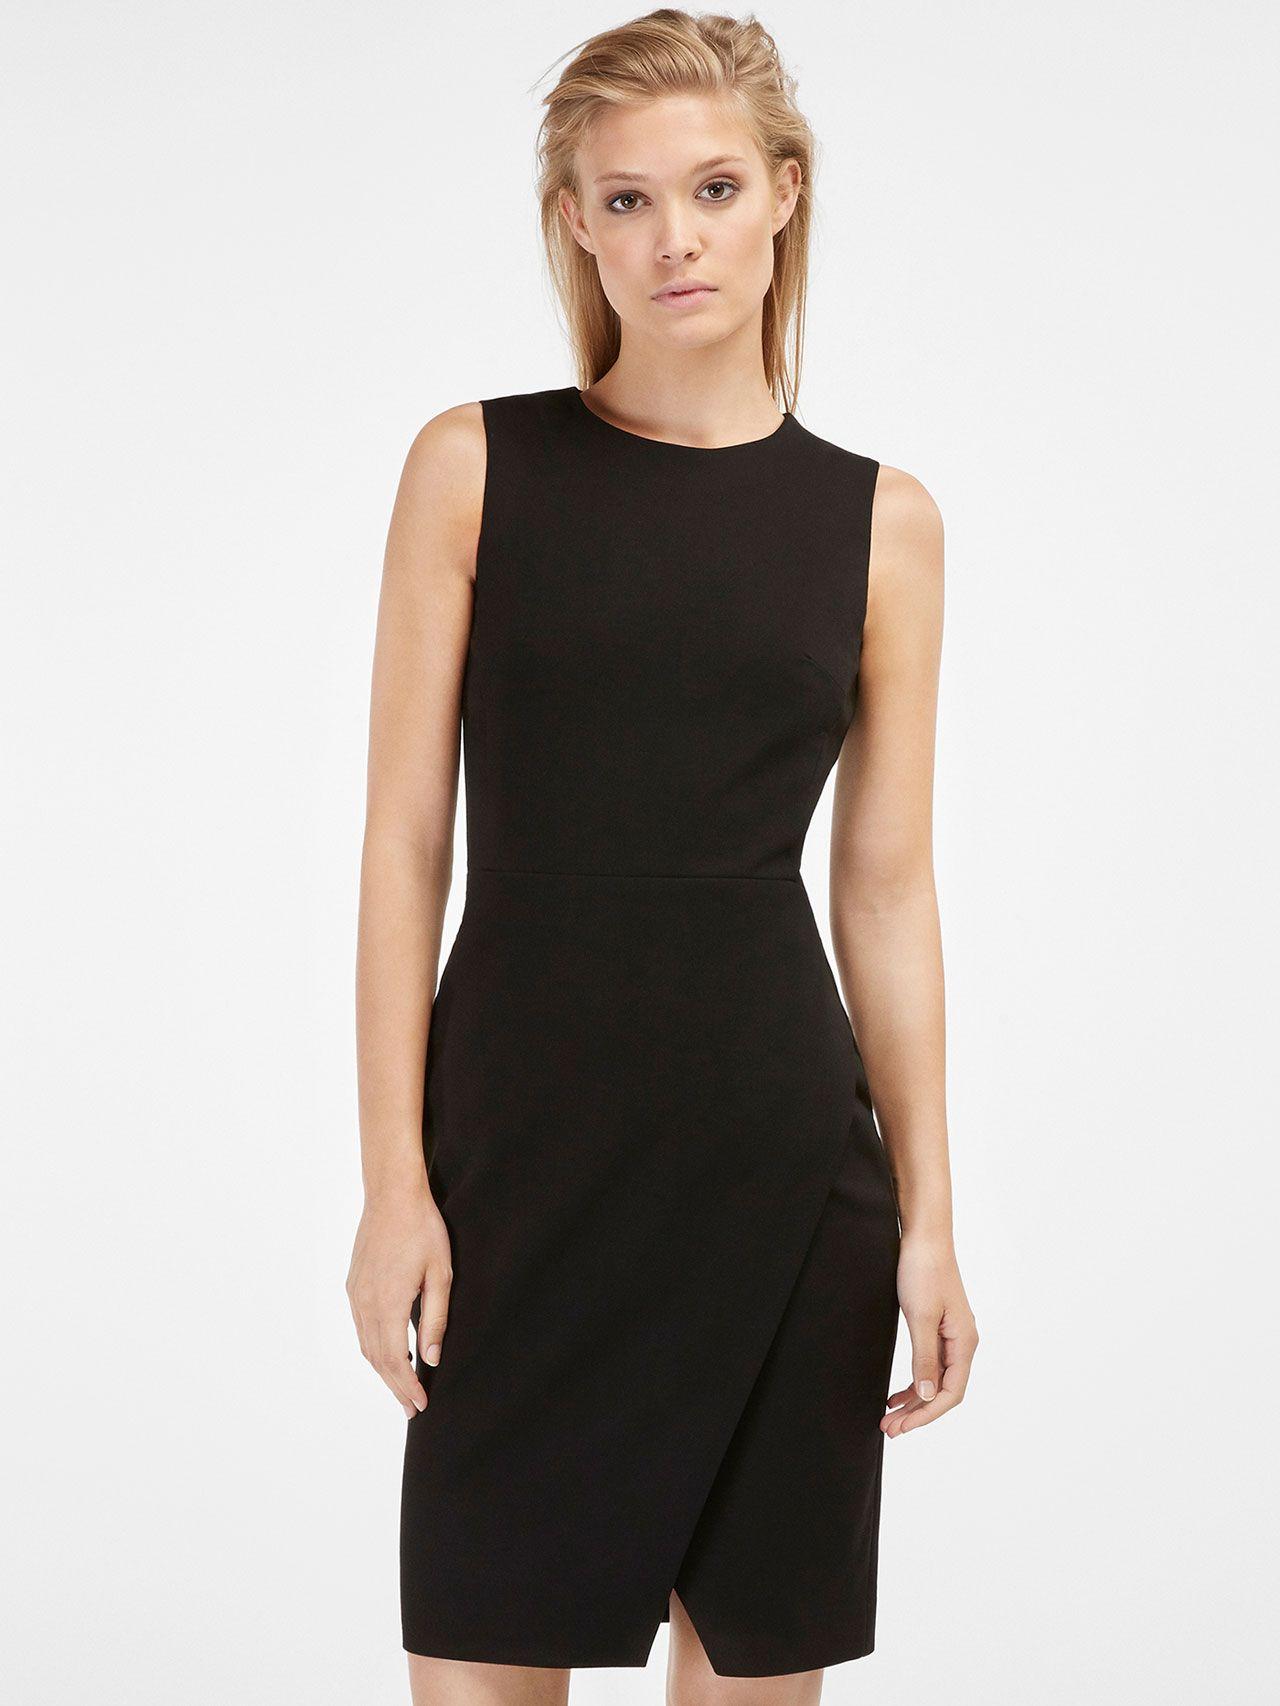 Vestido negro massimo dutti 2019